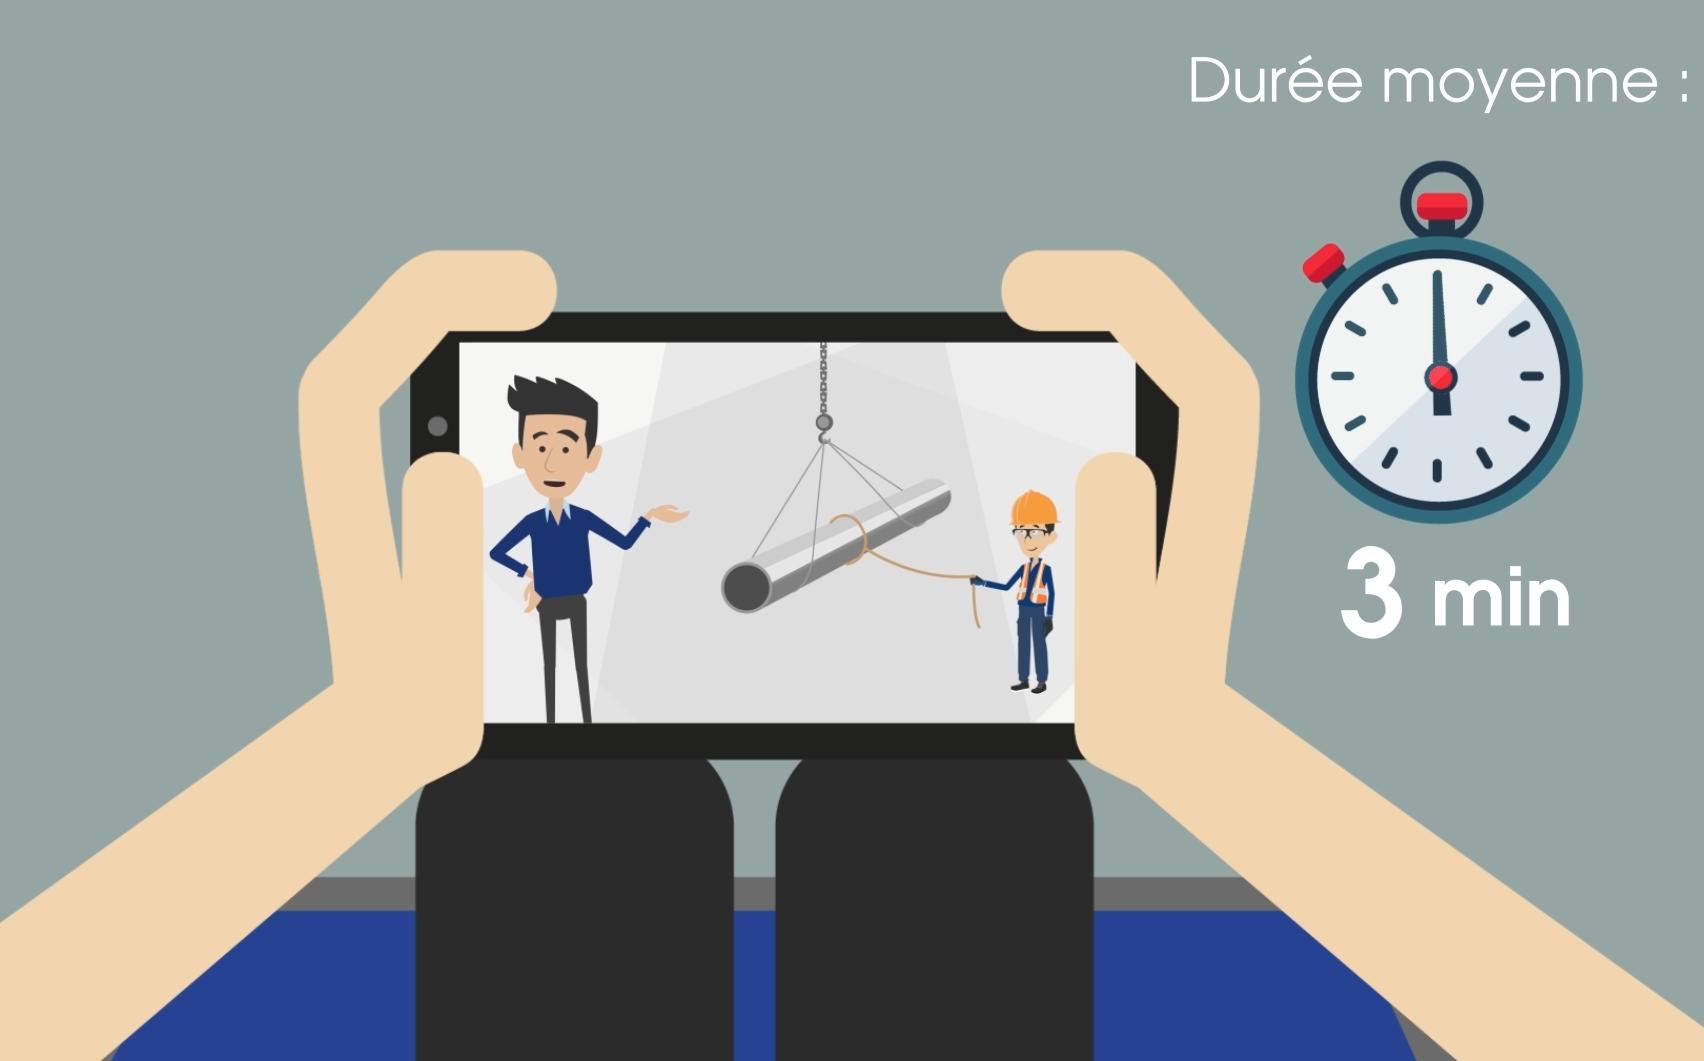 Le «2J Mobile» est une application mobile Santé/Sécurité destinée aux Managers pour les informer de leurs responsabilités et de leurs devoirs en matière de Santé/Sécurité au travail ainsi qu'à l'ensemble du personnel équipé de Smartphones pour le sensibiliser à la prévention des risques professionnels.